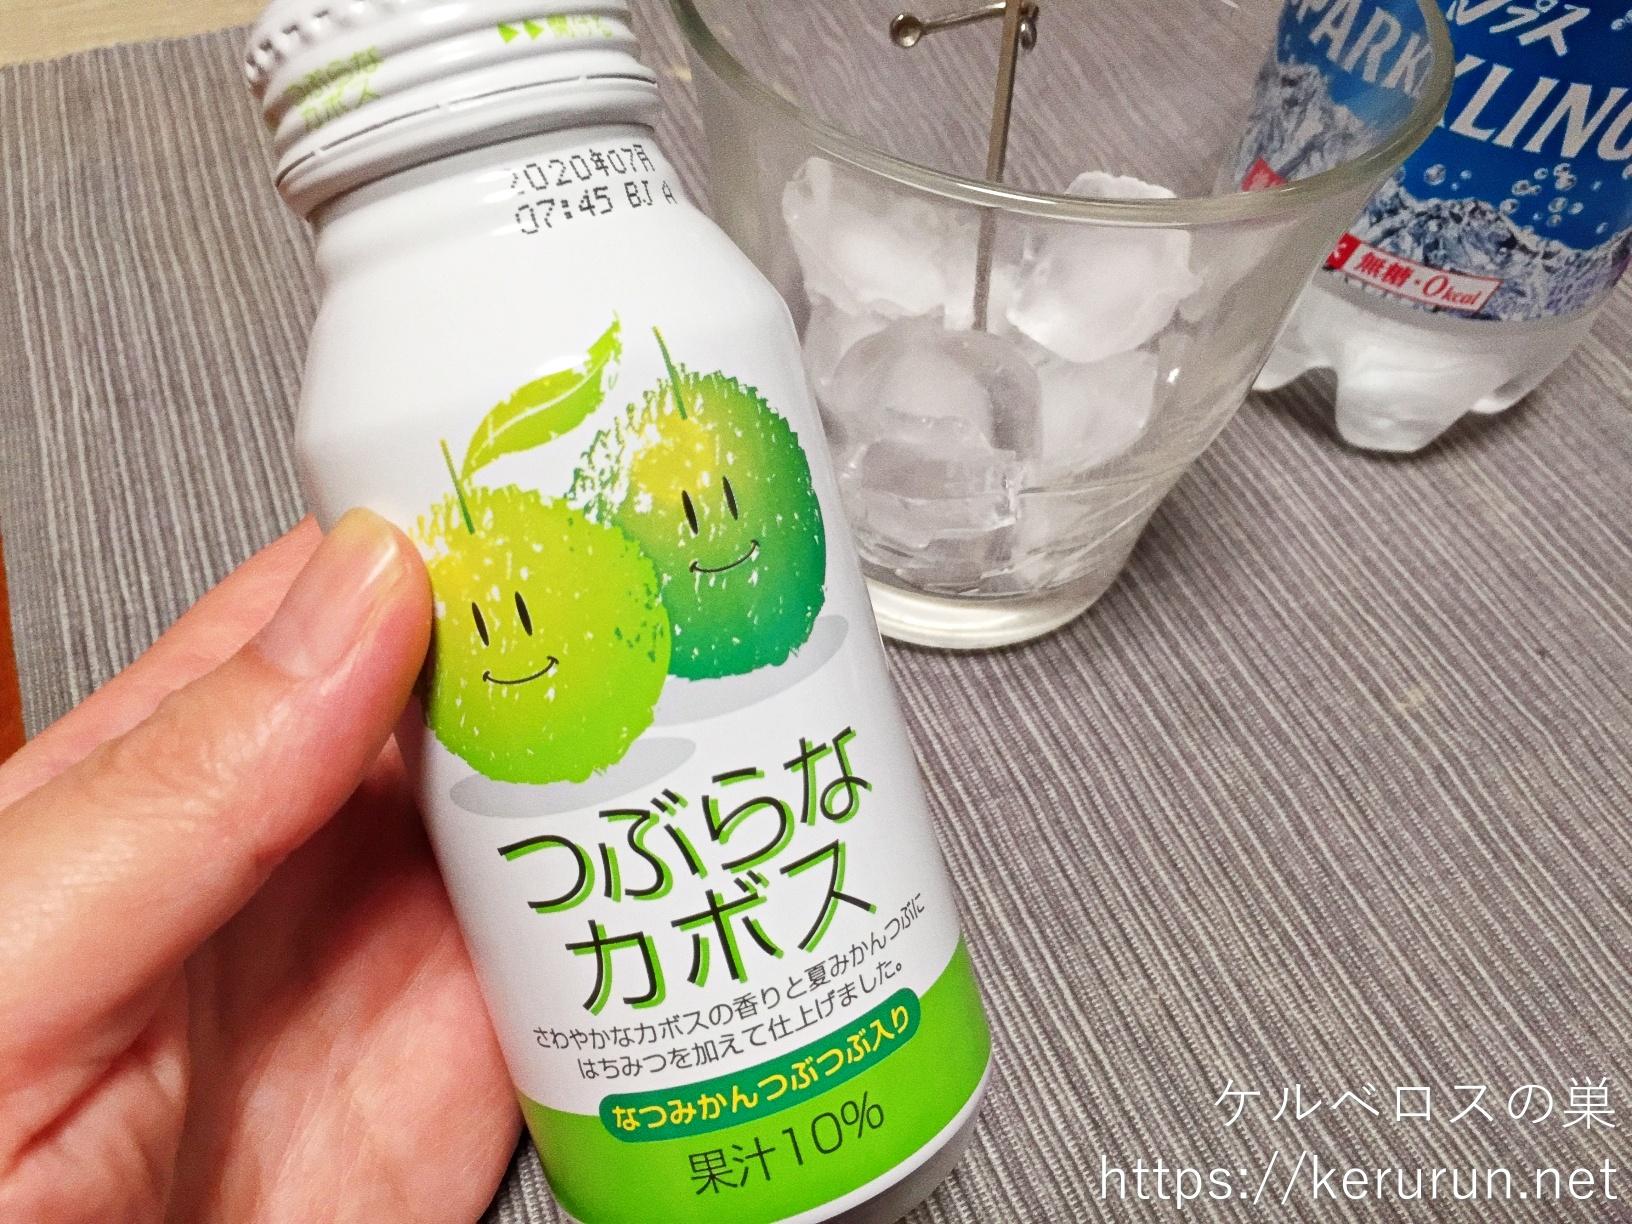 飲めない人の居酒屋メニュー晩ごはん(ノンアルかぼすソーダ)